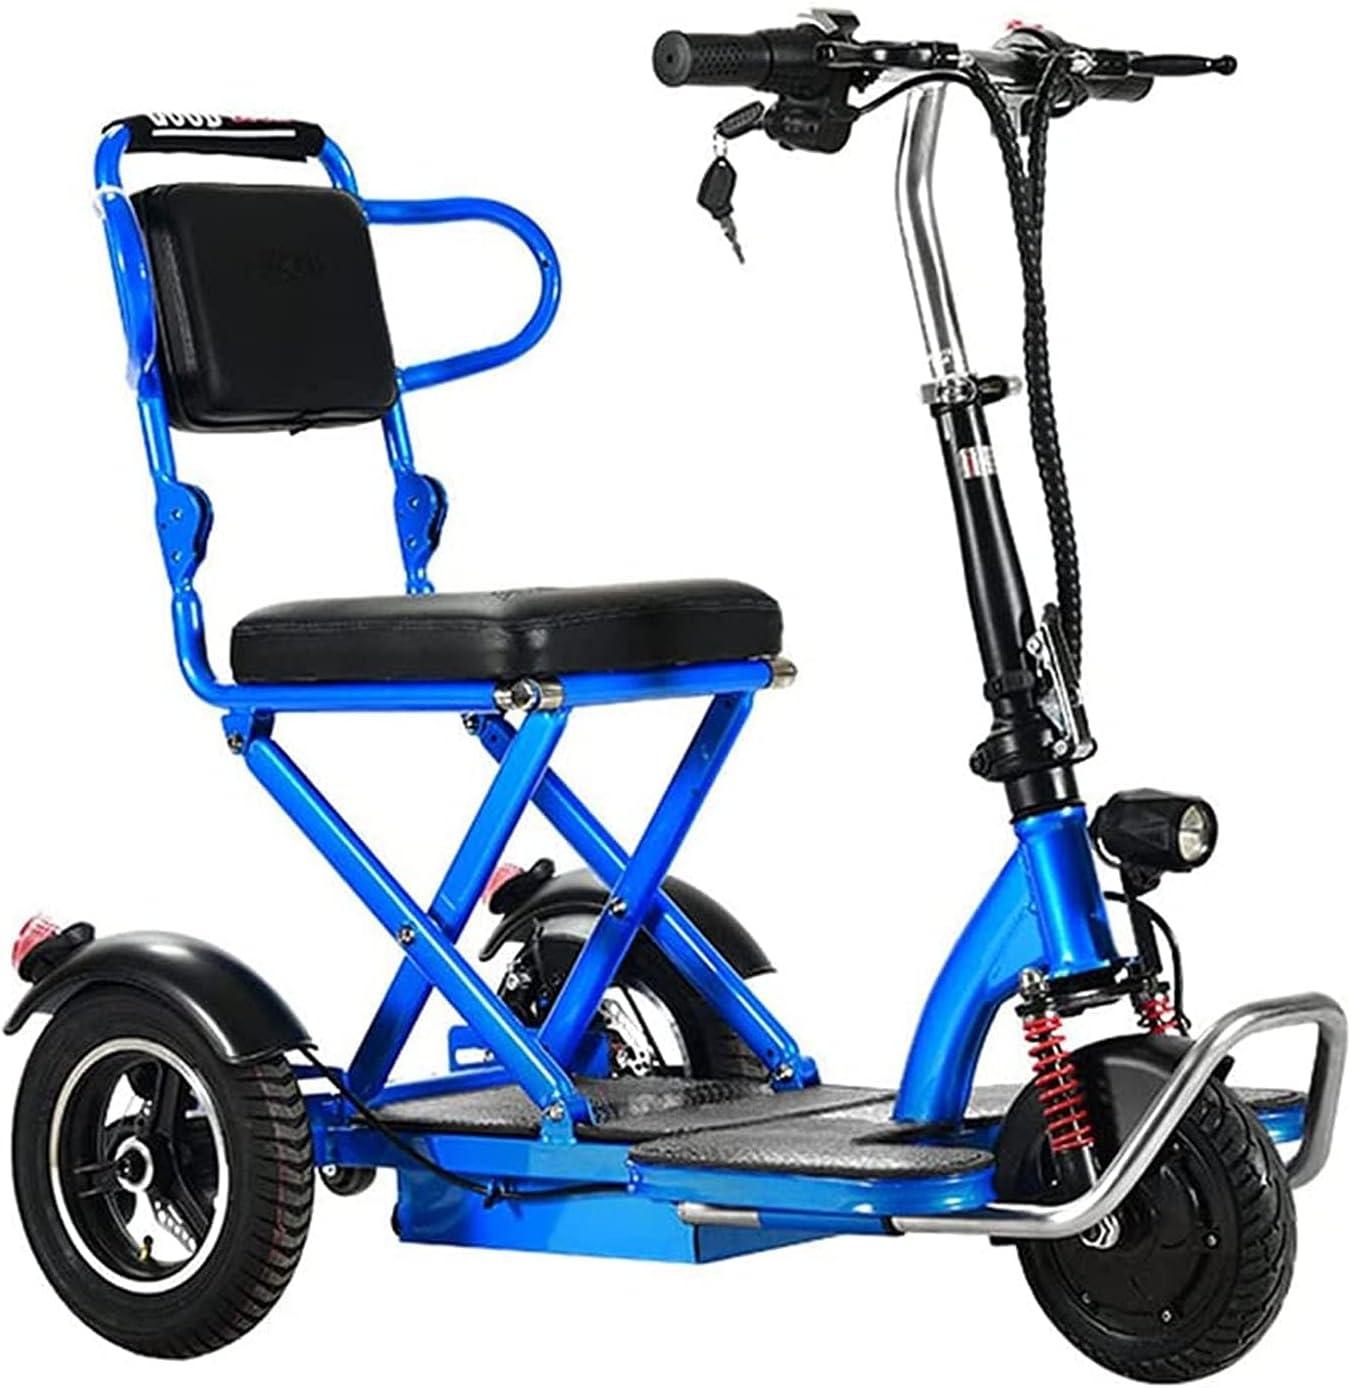 Scooters De Movilidad Eléctricos Plegables De 3 Ruedas para Personas Mayores con Discapacidad, Silla De Ruedas Motorizada Plegable, Silla De Ruedas De Mano Ligera Y Portátil con Asiento